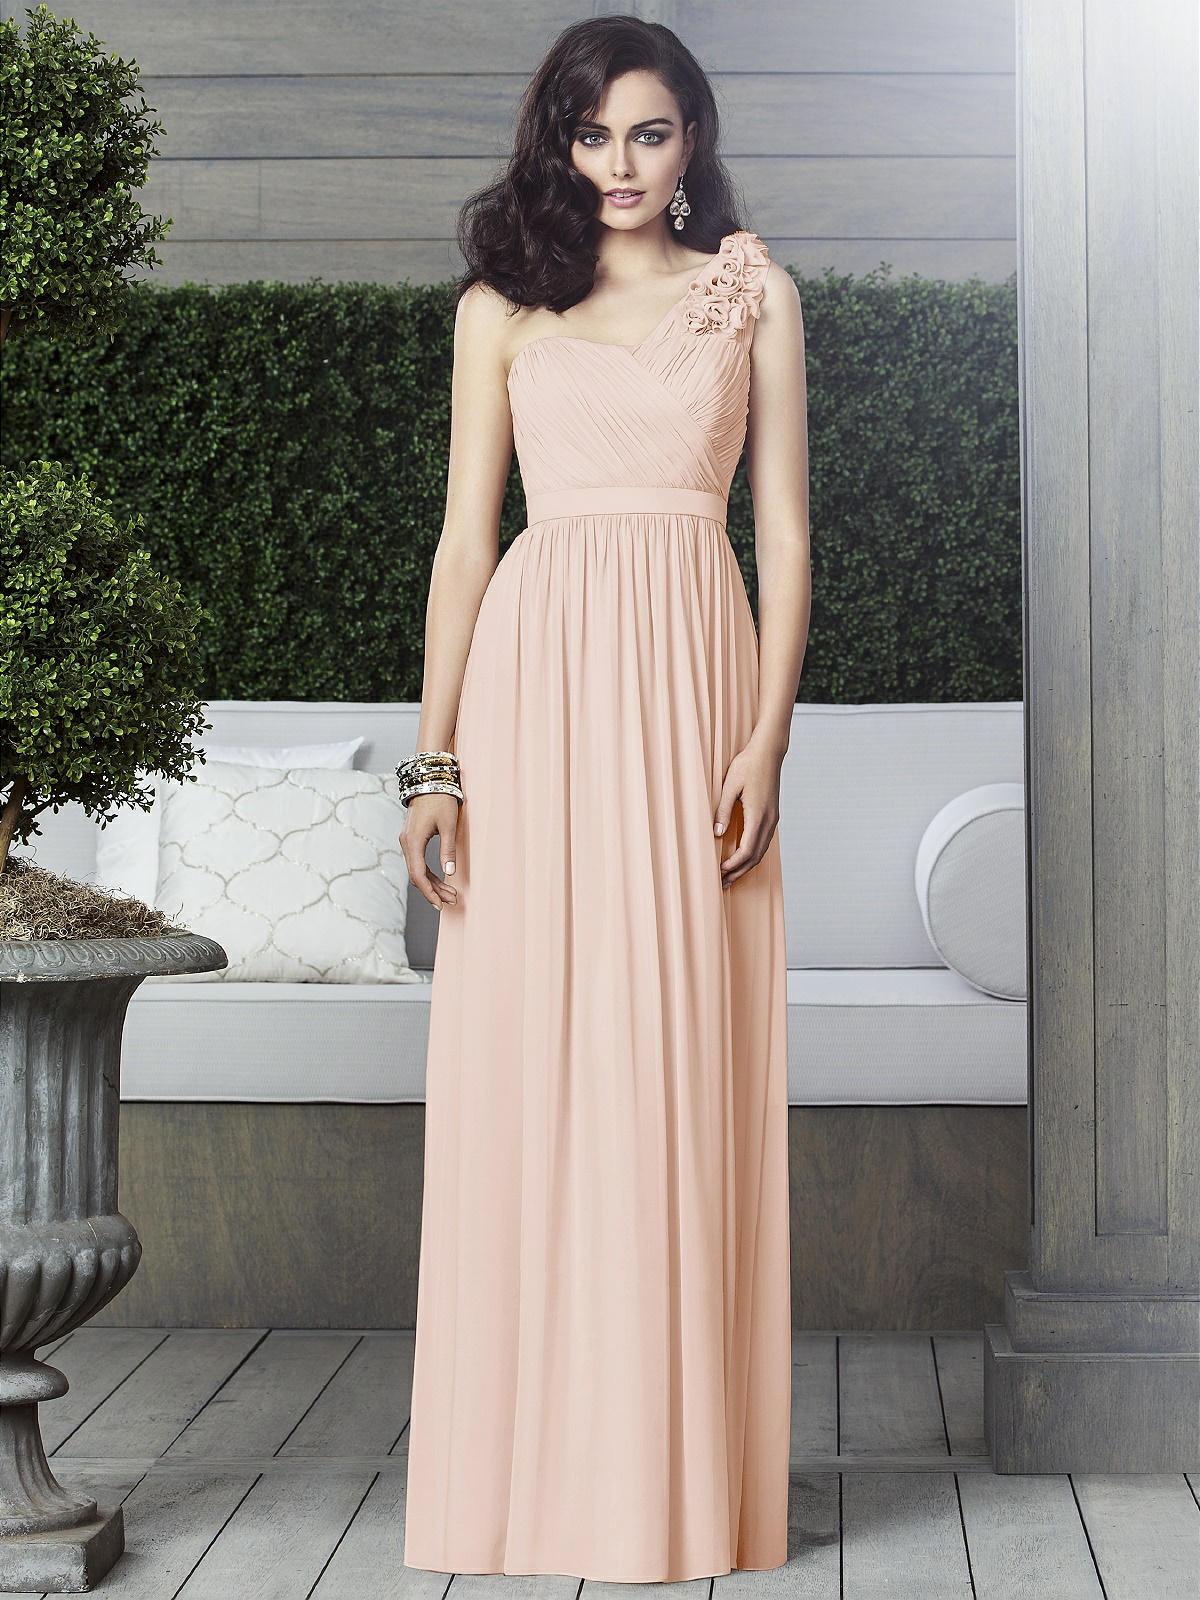 Wunderbar Dessy Prom Kleider Fotos - Hochzeit Kleid Stile Ideen ...